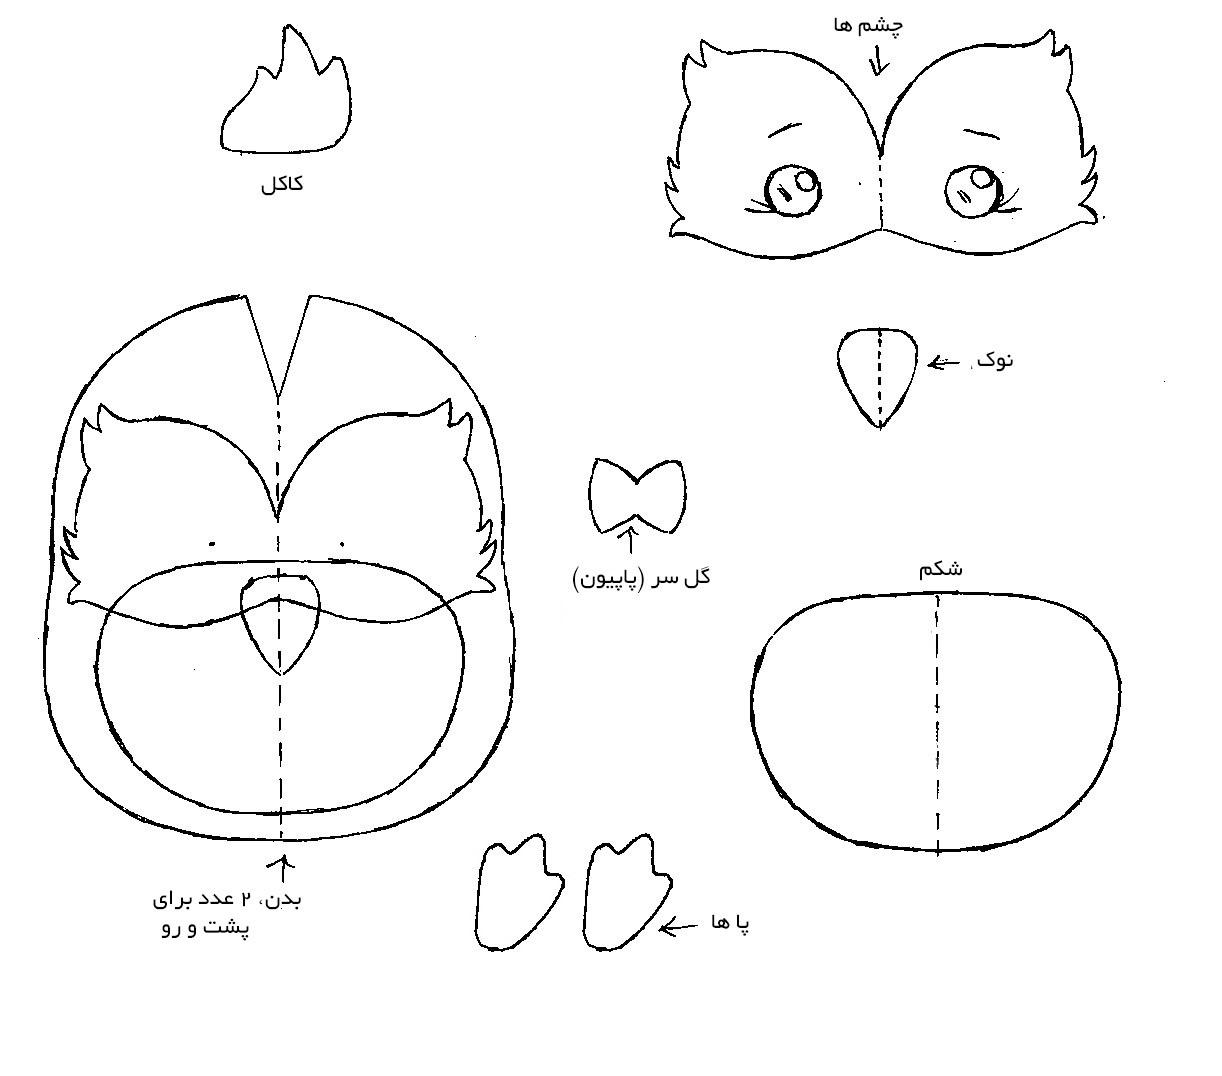 آموزش ساخت آویز خوشبو با طرح جغد, الگوی عروسک جغد